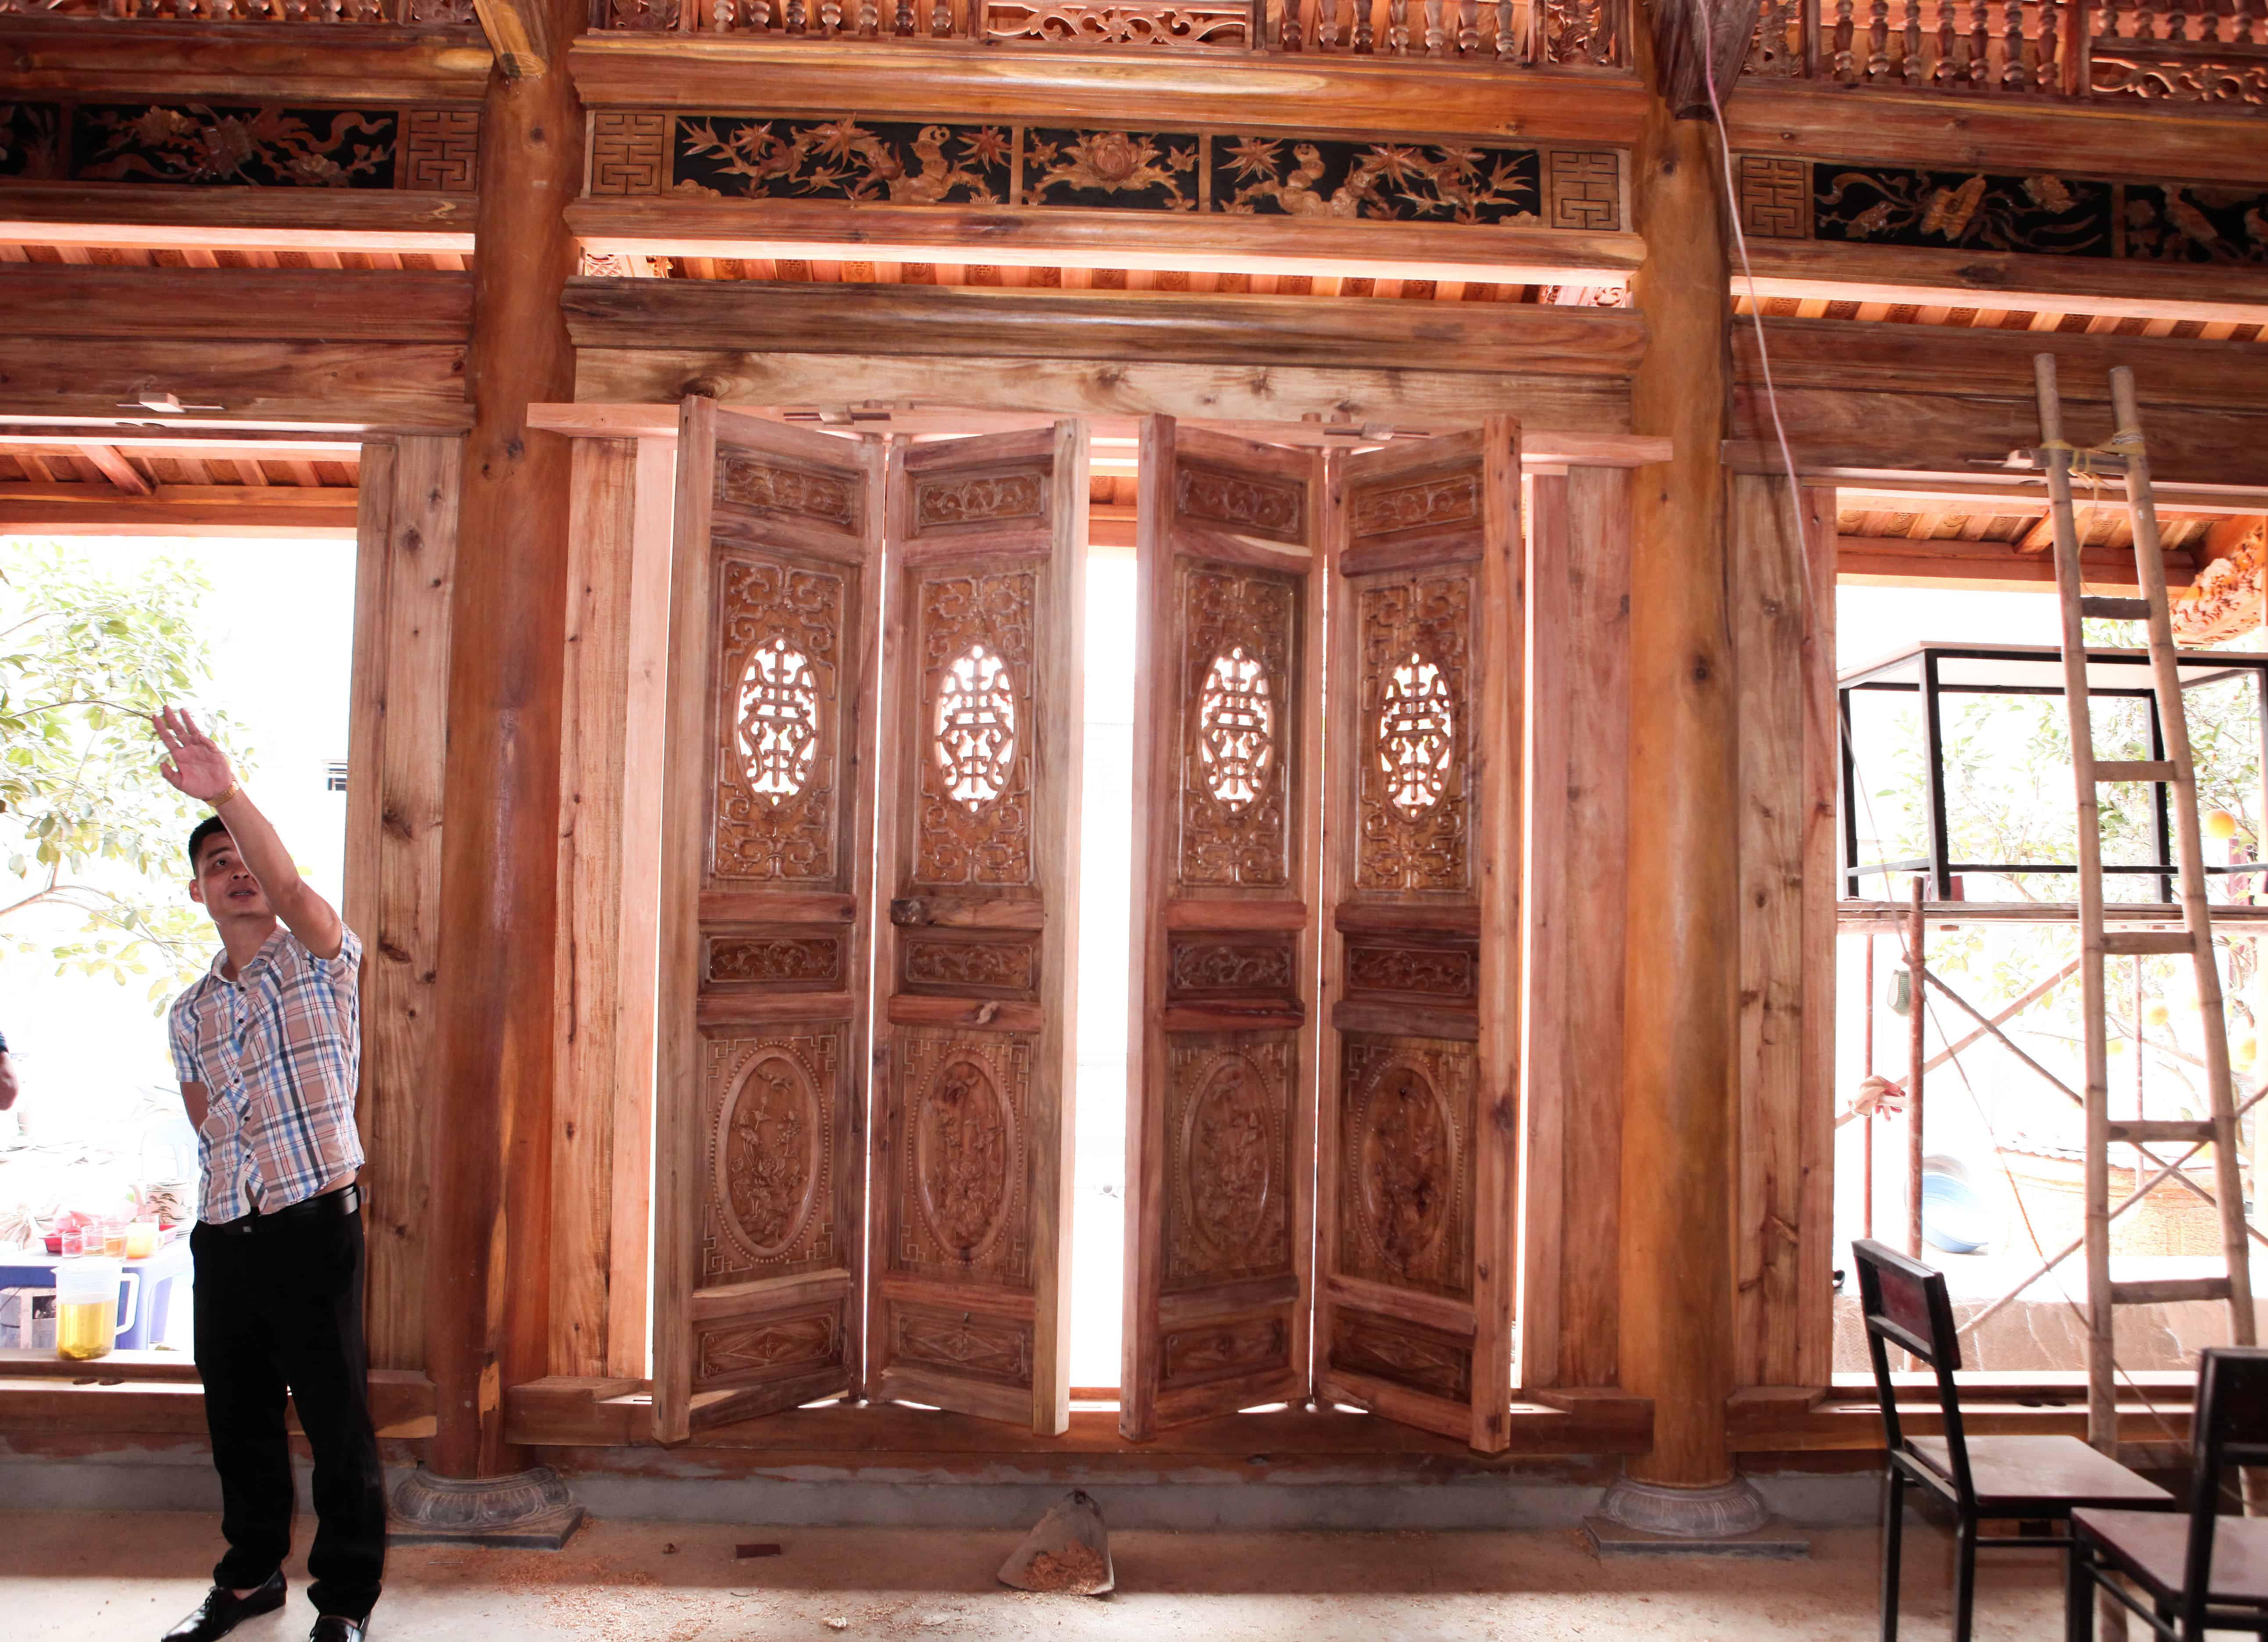 Mỗi căn nhà bằng gỗ sẽ có một khoản giá dao động khác nhau tùy thuộc vào nhiều yếu tố